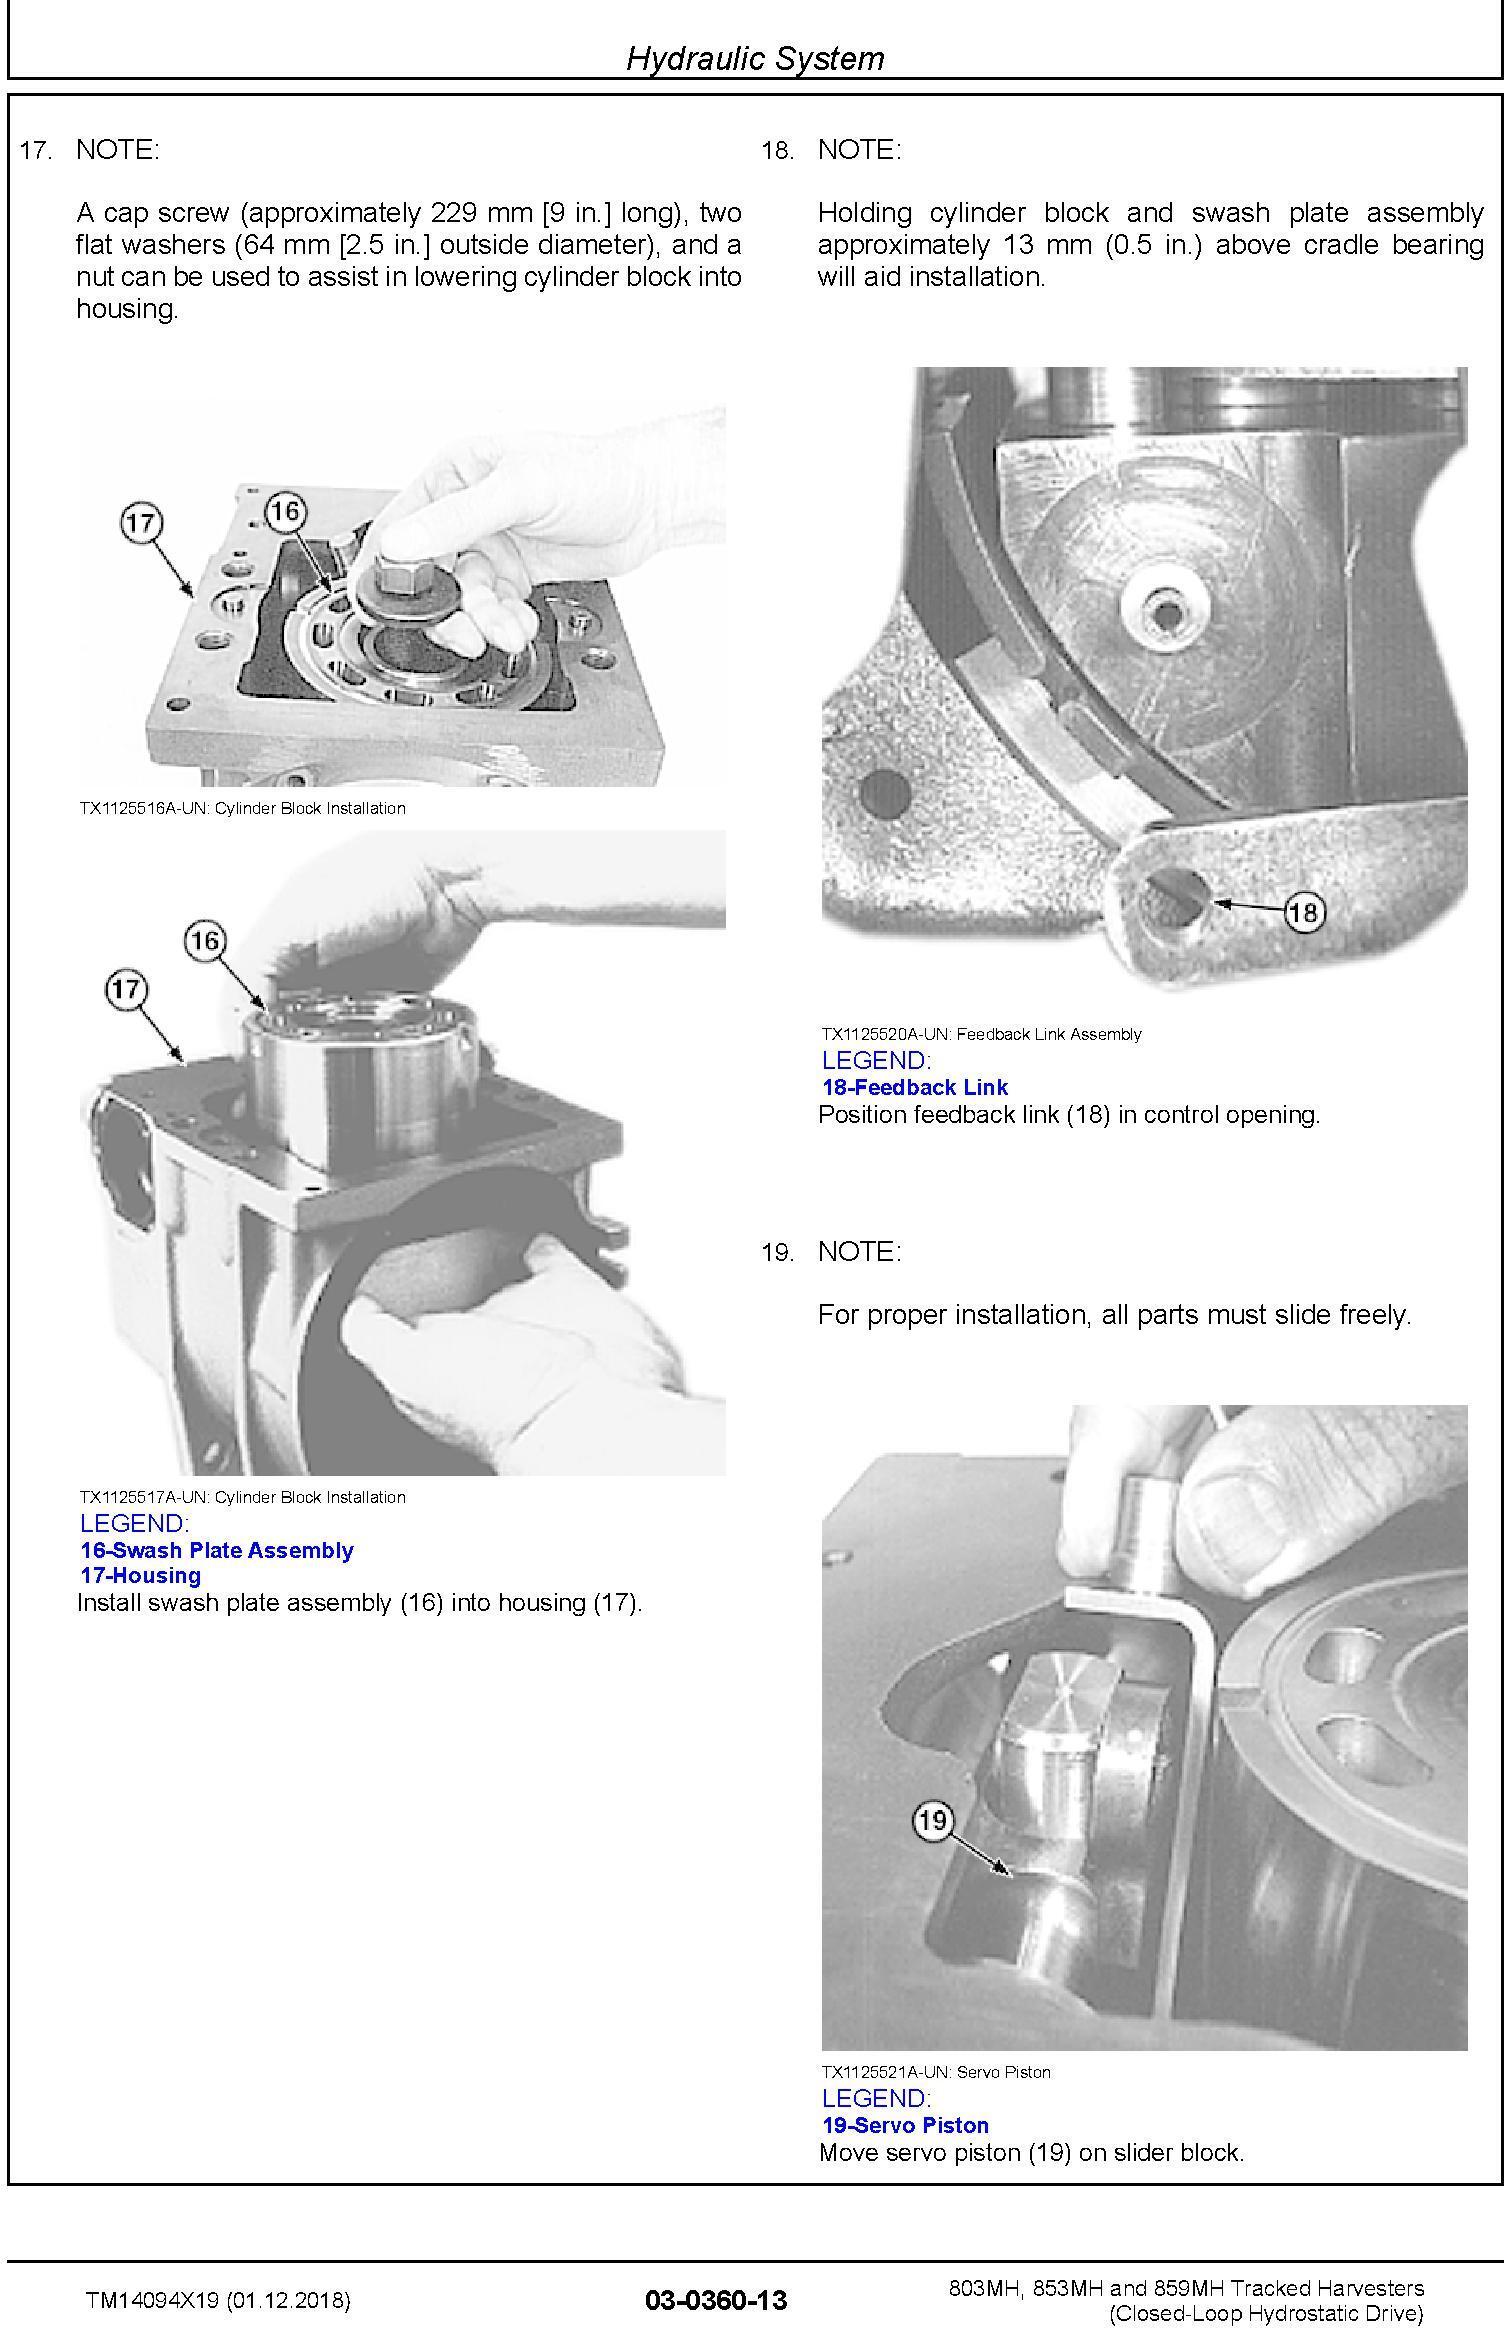 John Deere 803MH,853MH,859MH (SN.F293917-,L343918-) Harvester (Closed-Loop) Repair Manual TM14094X19 - 3